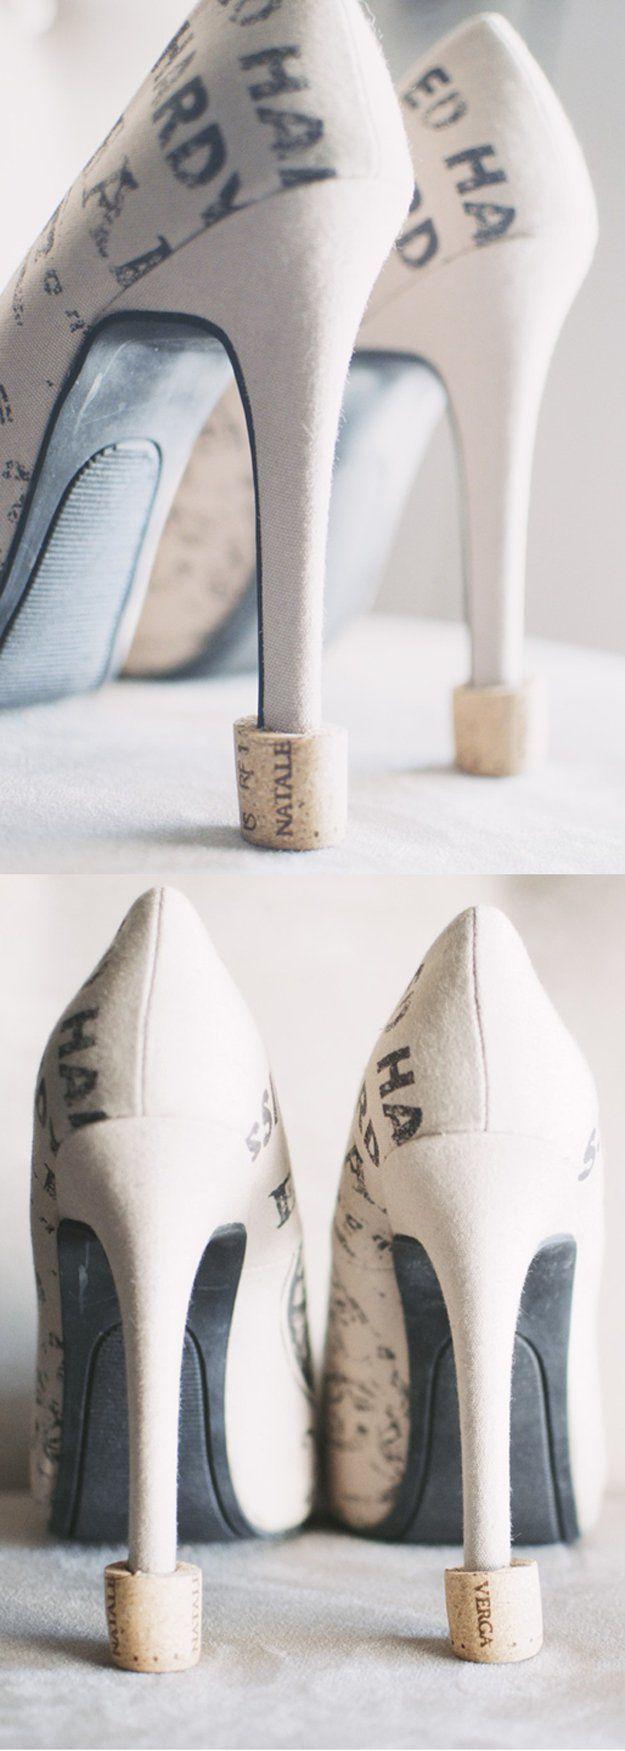 Manualidades Vino Corcho bricolaje pequeño y fácil | http://artesaniasdebricolaje.ru/more-wine-cork-crafts-ideas/